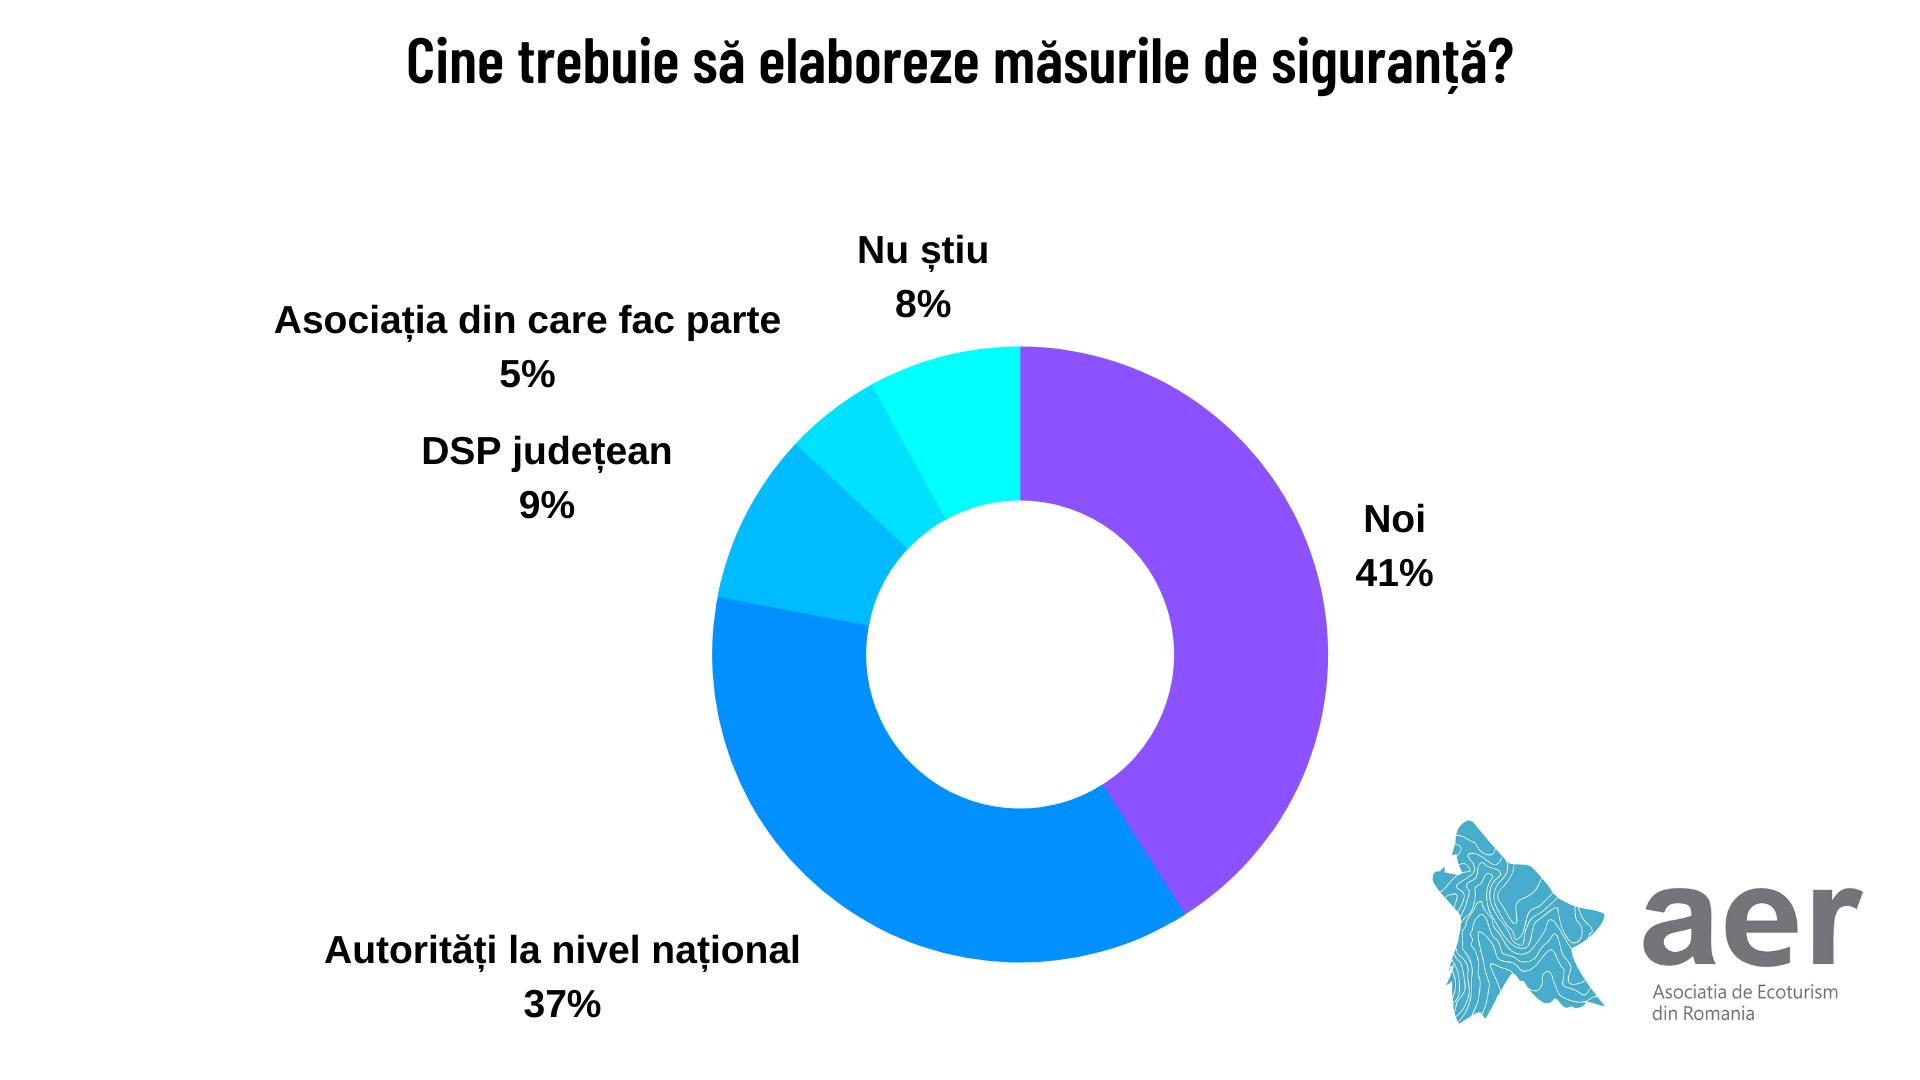 Elaborarea măsurilor de siguranță - Studiu Asociația de Ecoturism din România